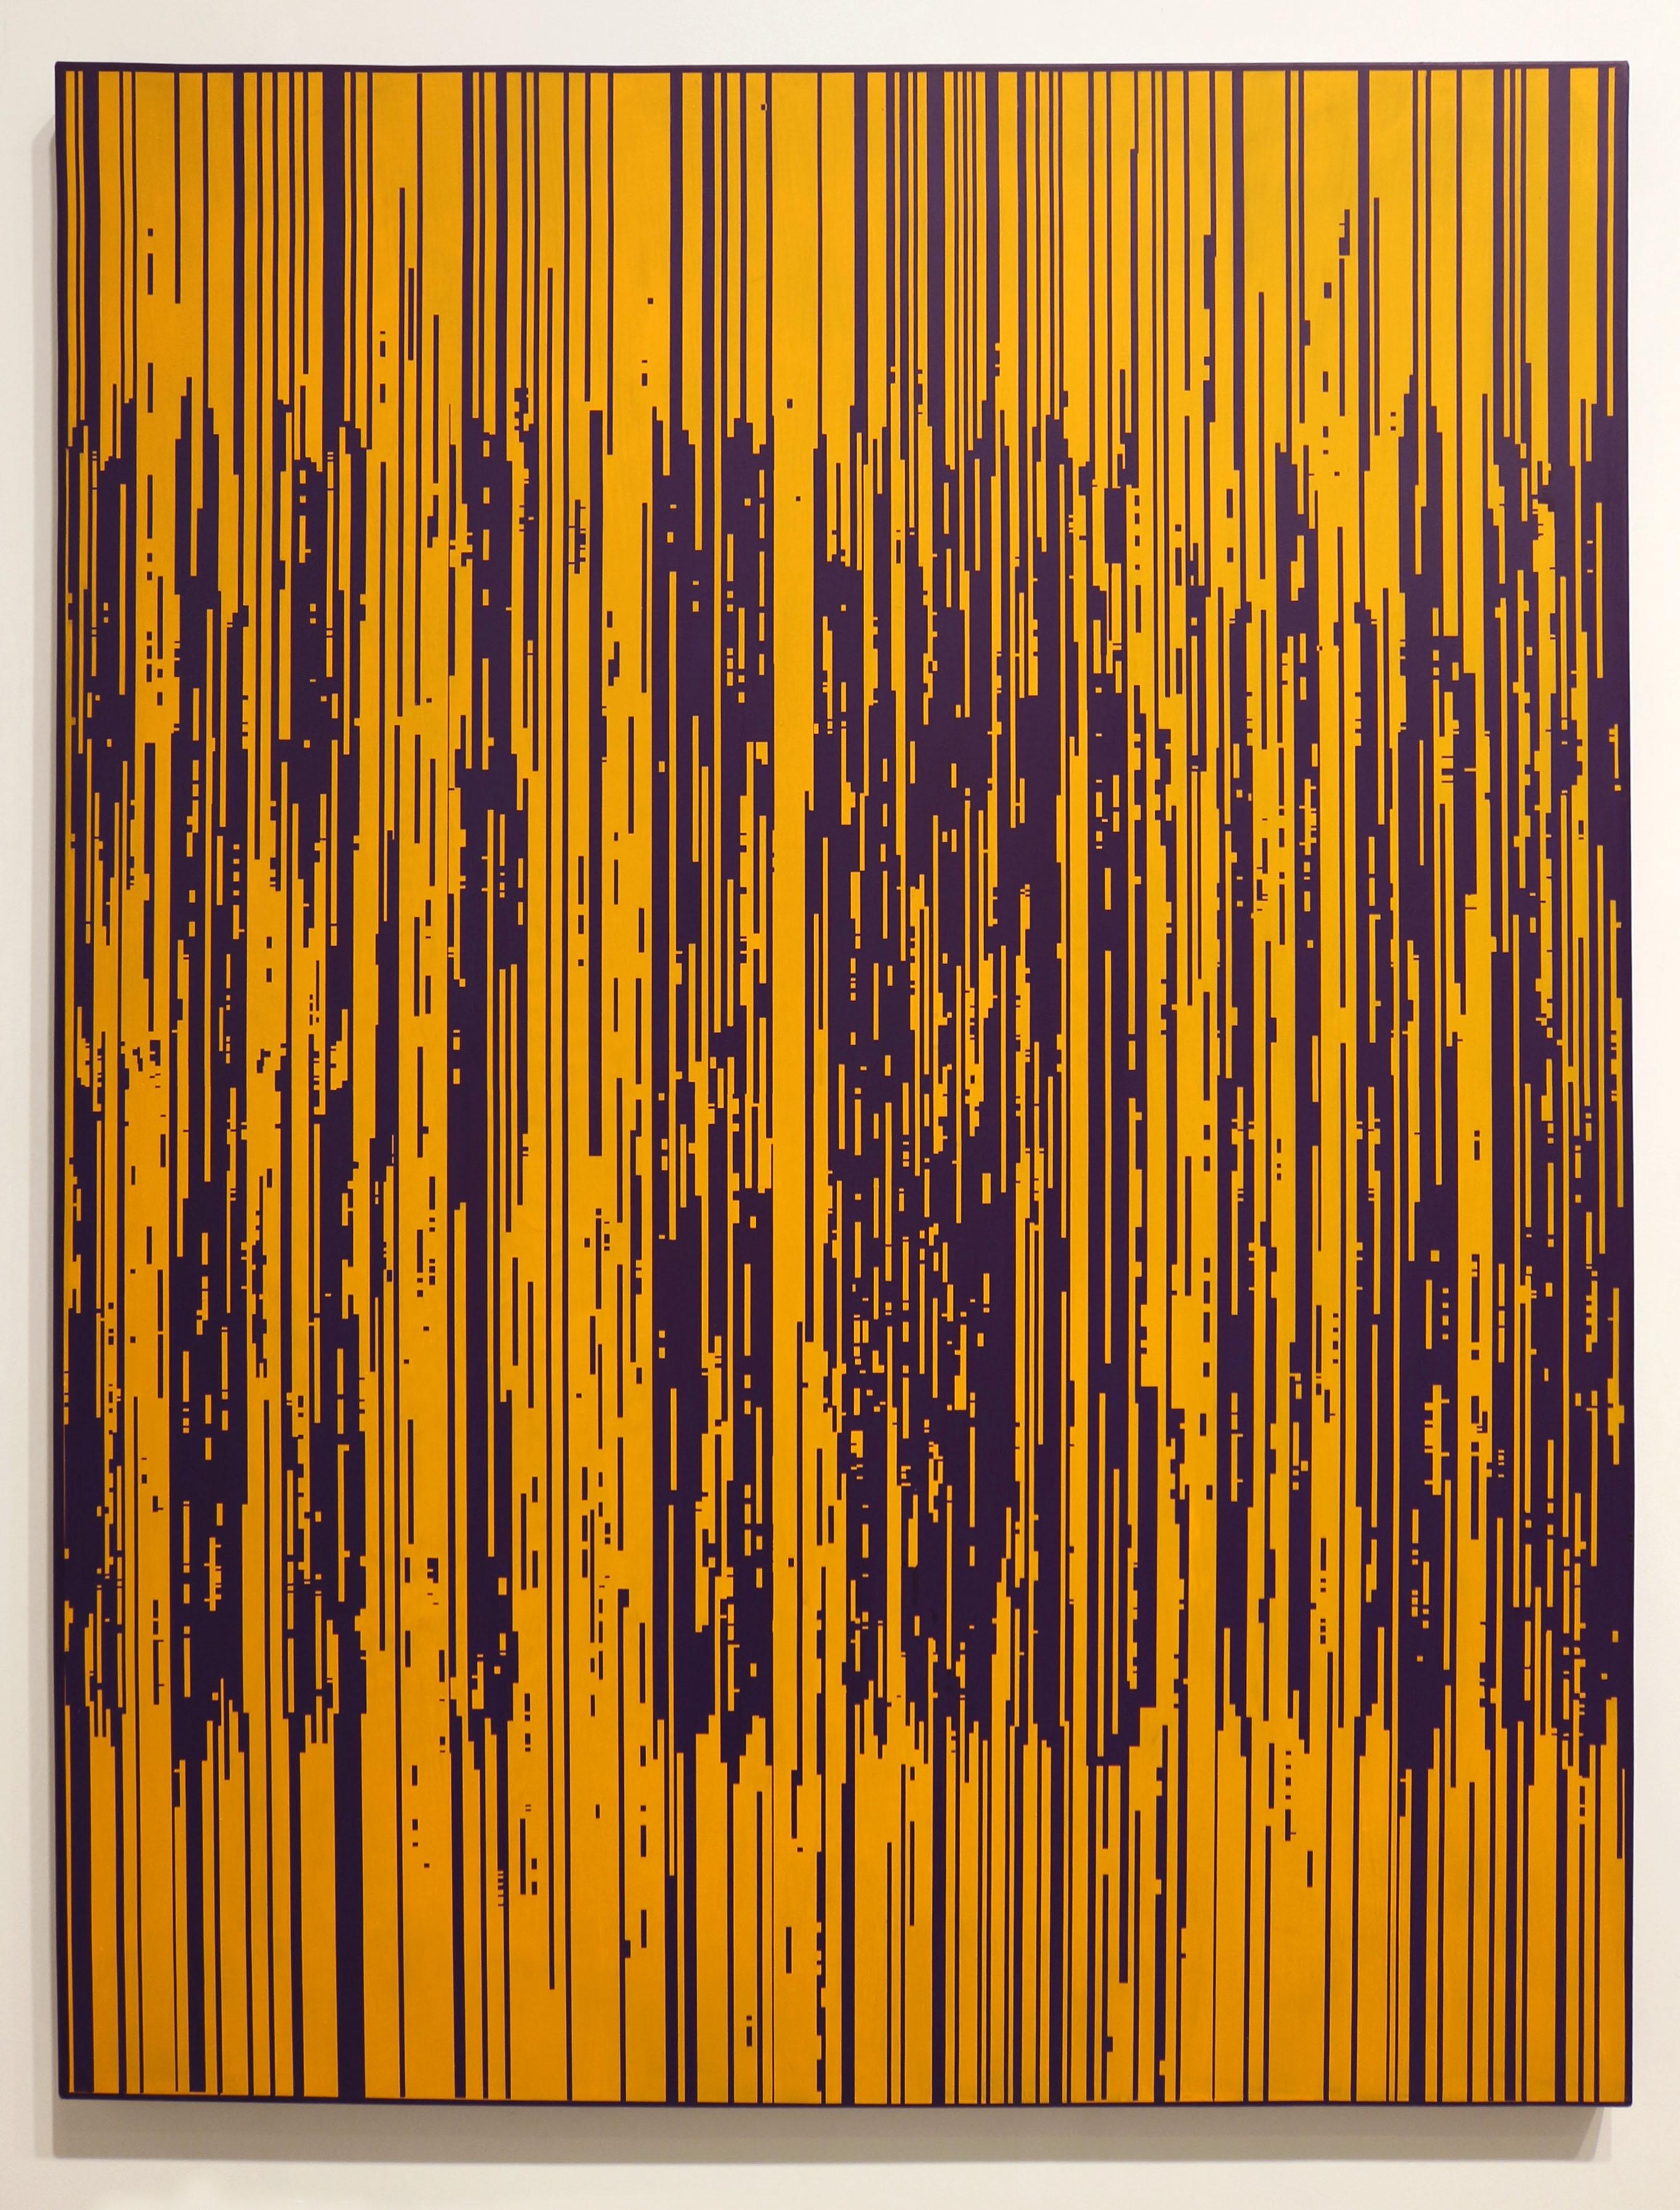 J. PARK_2016 Maze-20165125_Acrylic on canvas_116.8x91cm